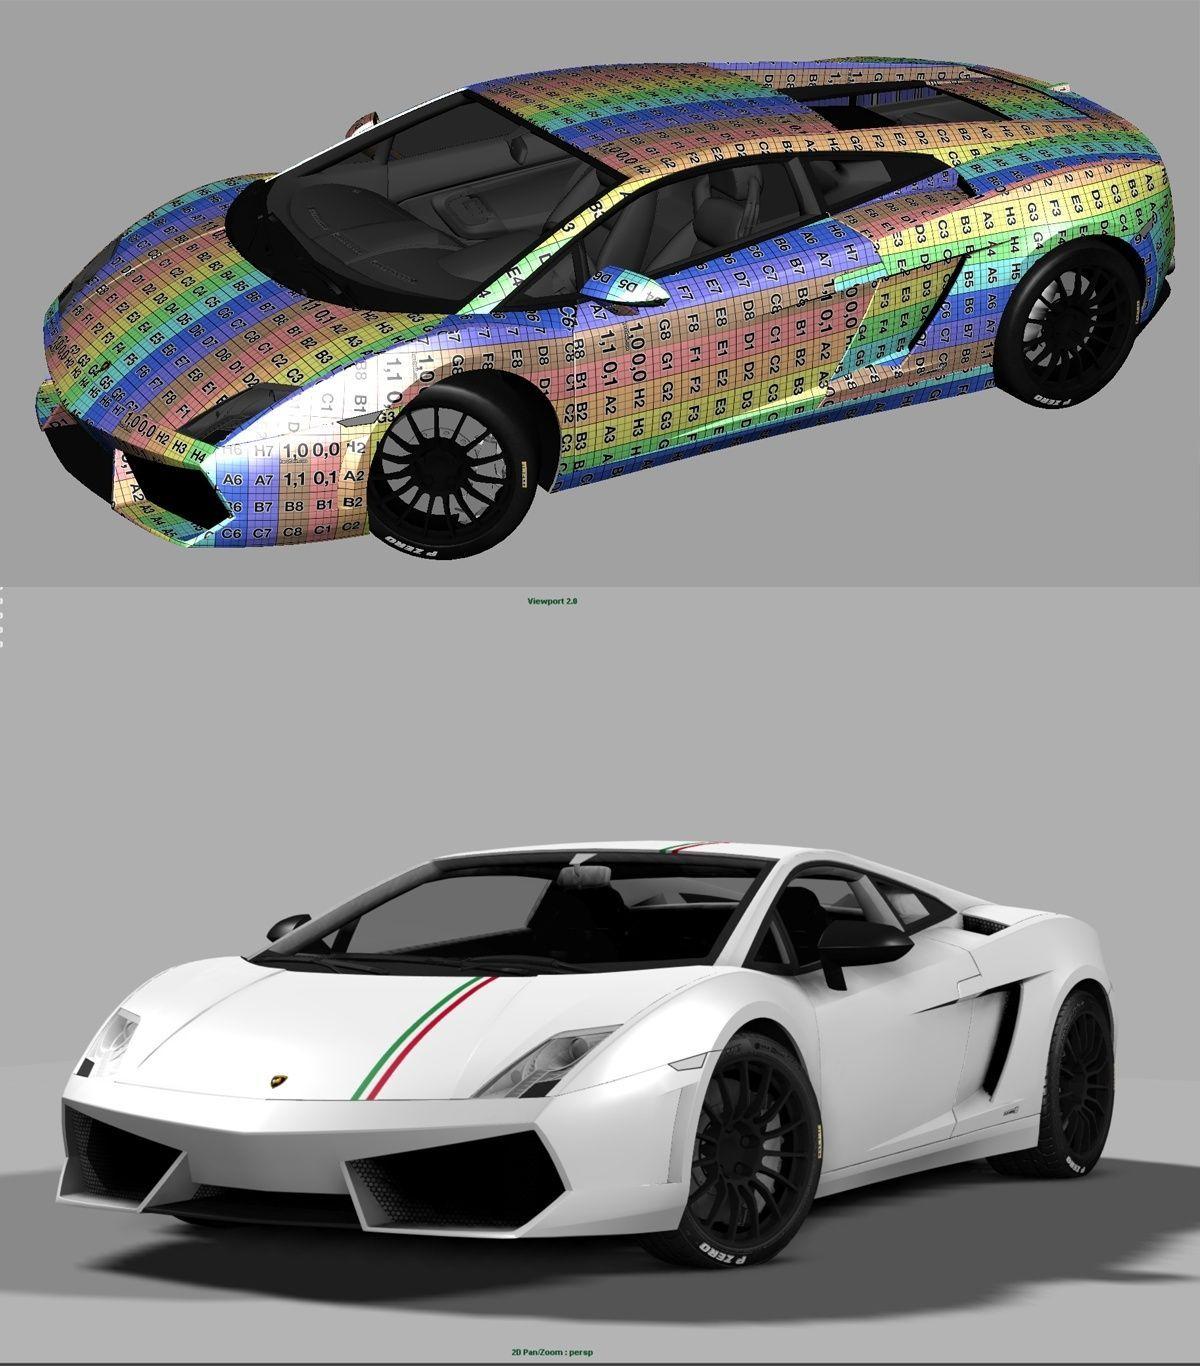 RSR Lamborghini Gallardo Valentino Balboni for AC - Page 2 Uvs10